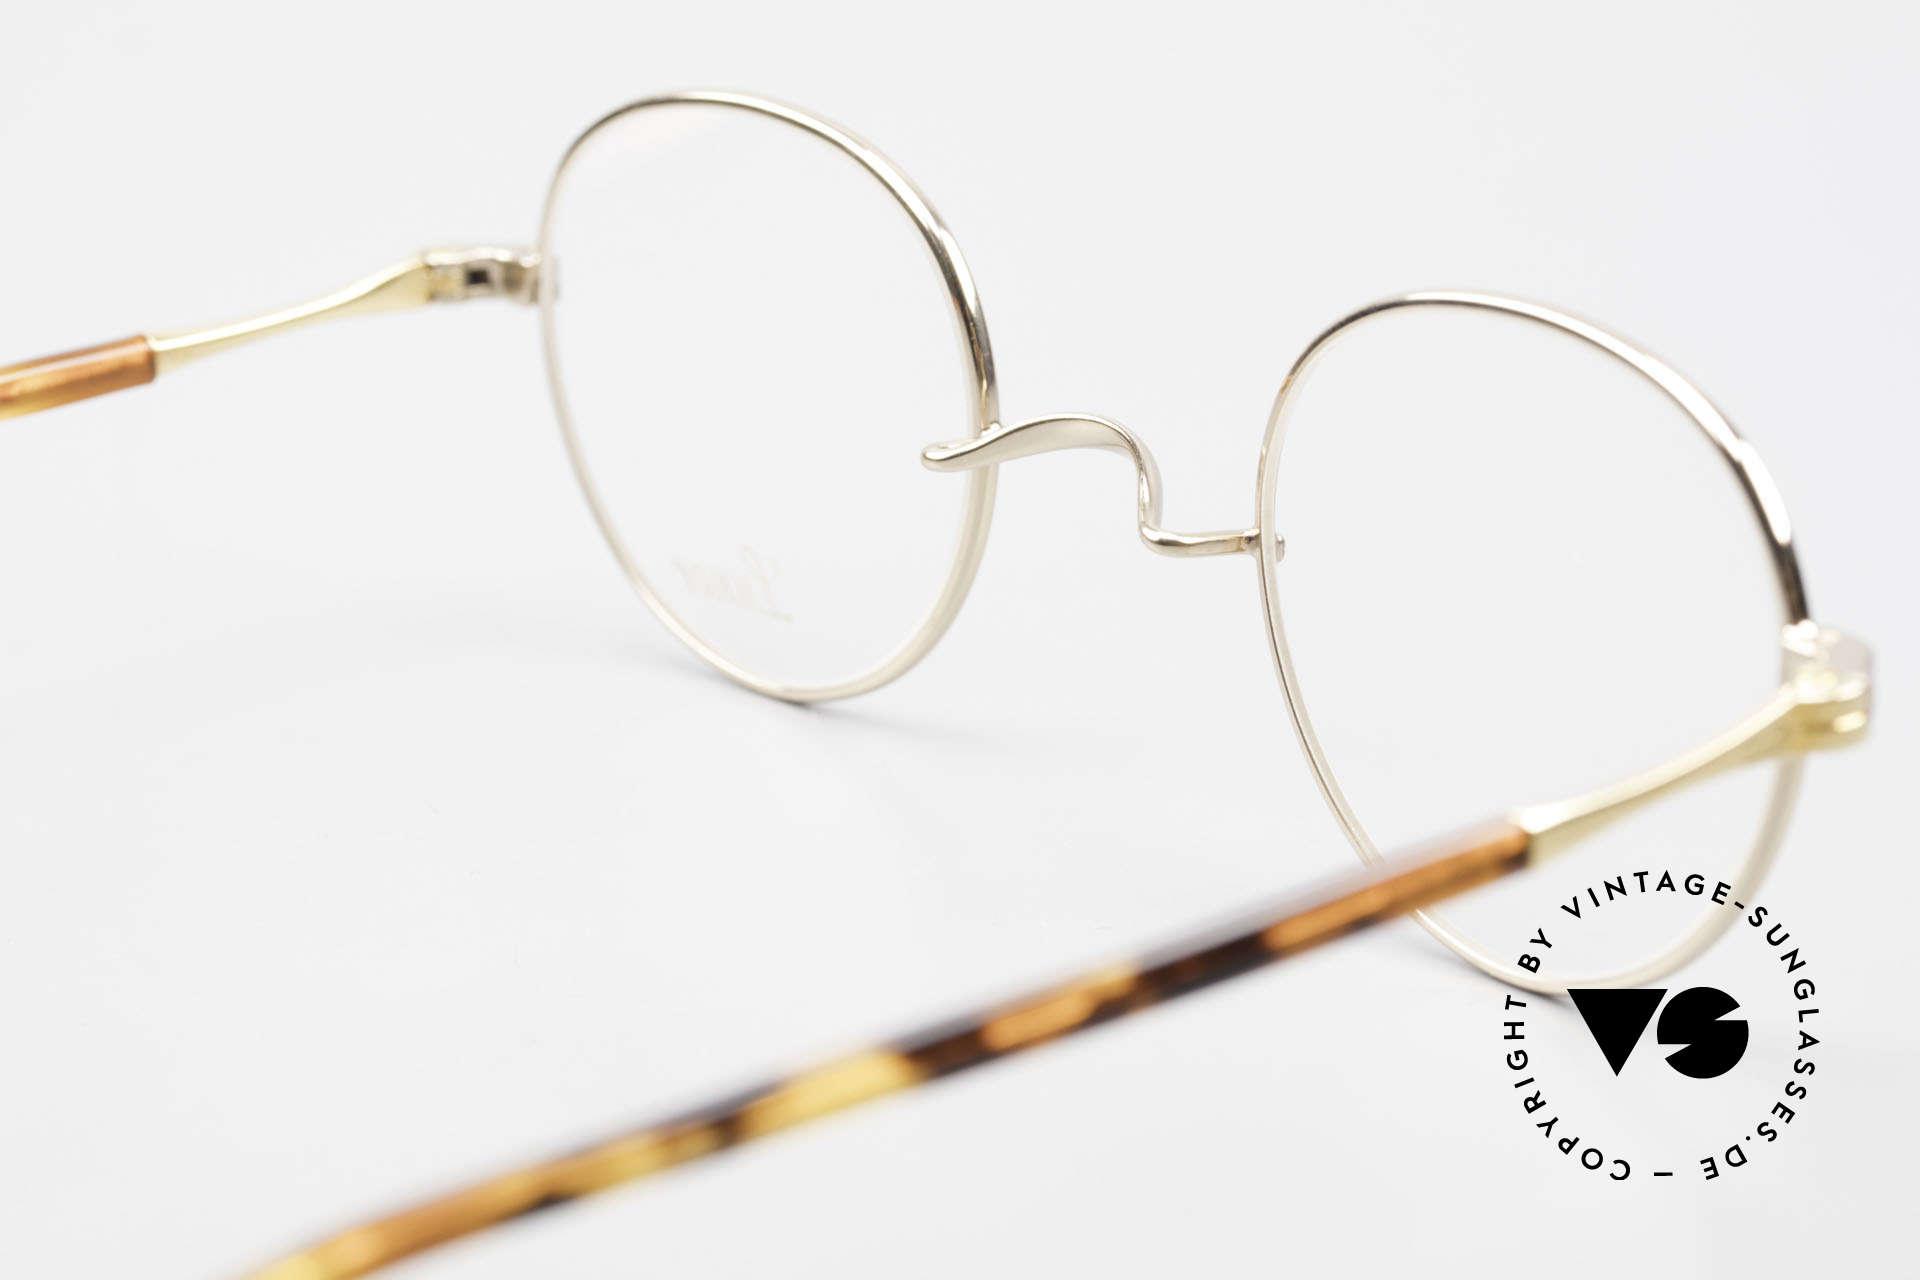 Lunor II A 22 Runde Vintage Brille Vergoldet, Größe: small, Passend für Herren und Damen